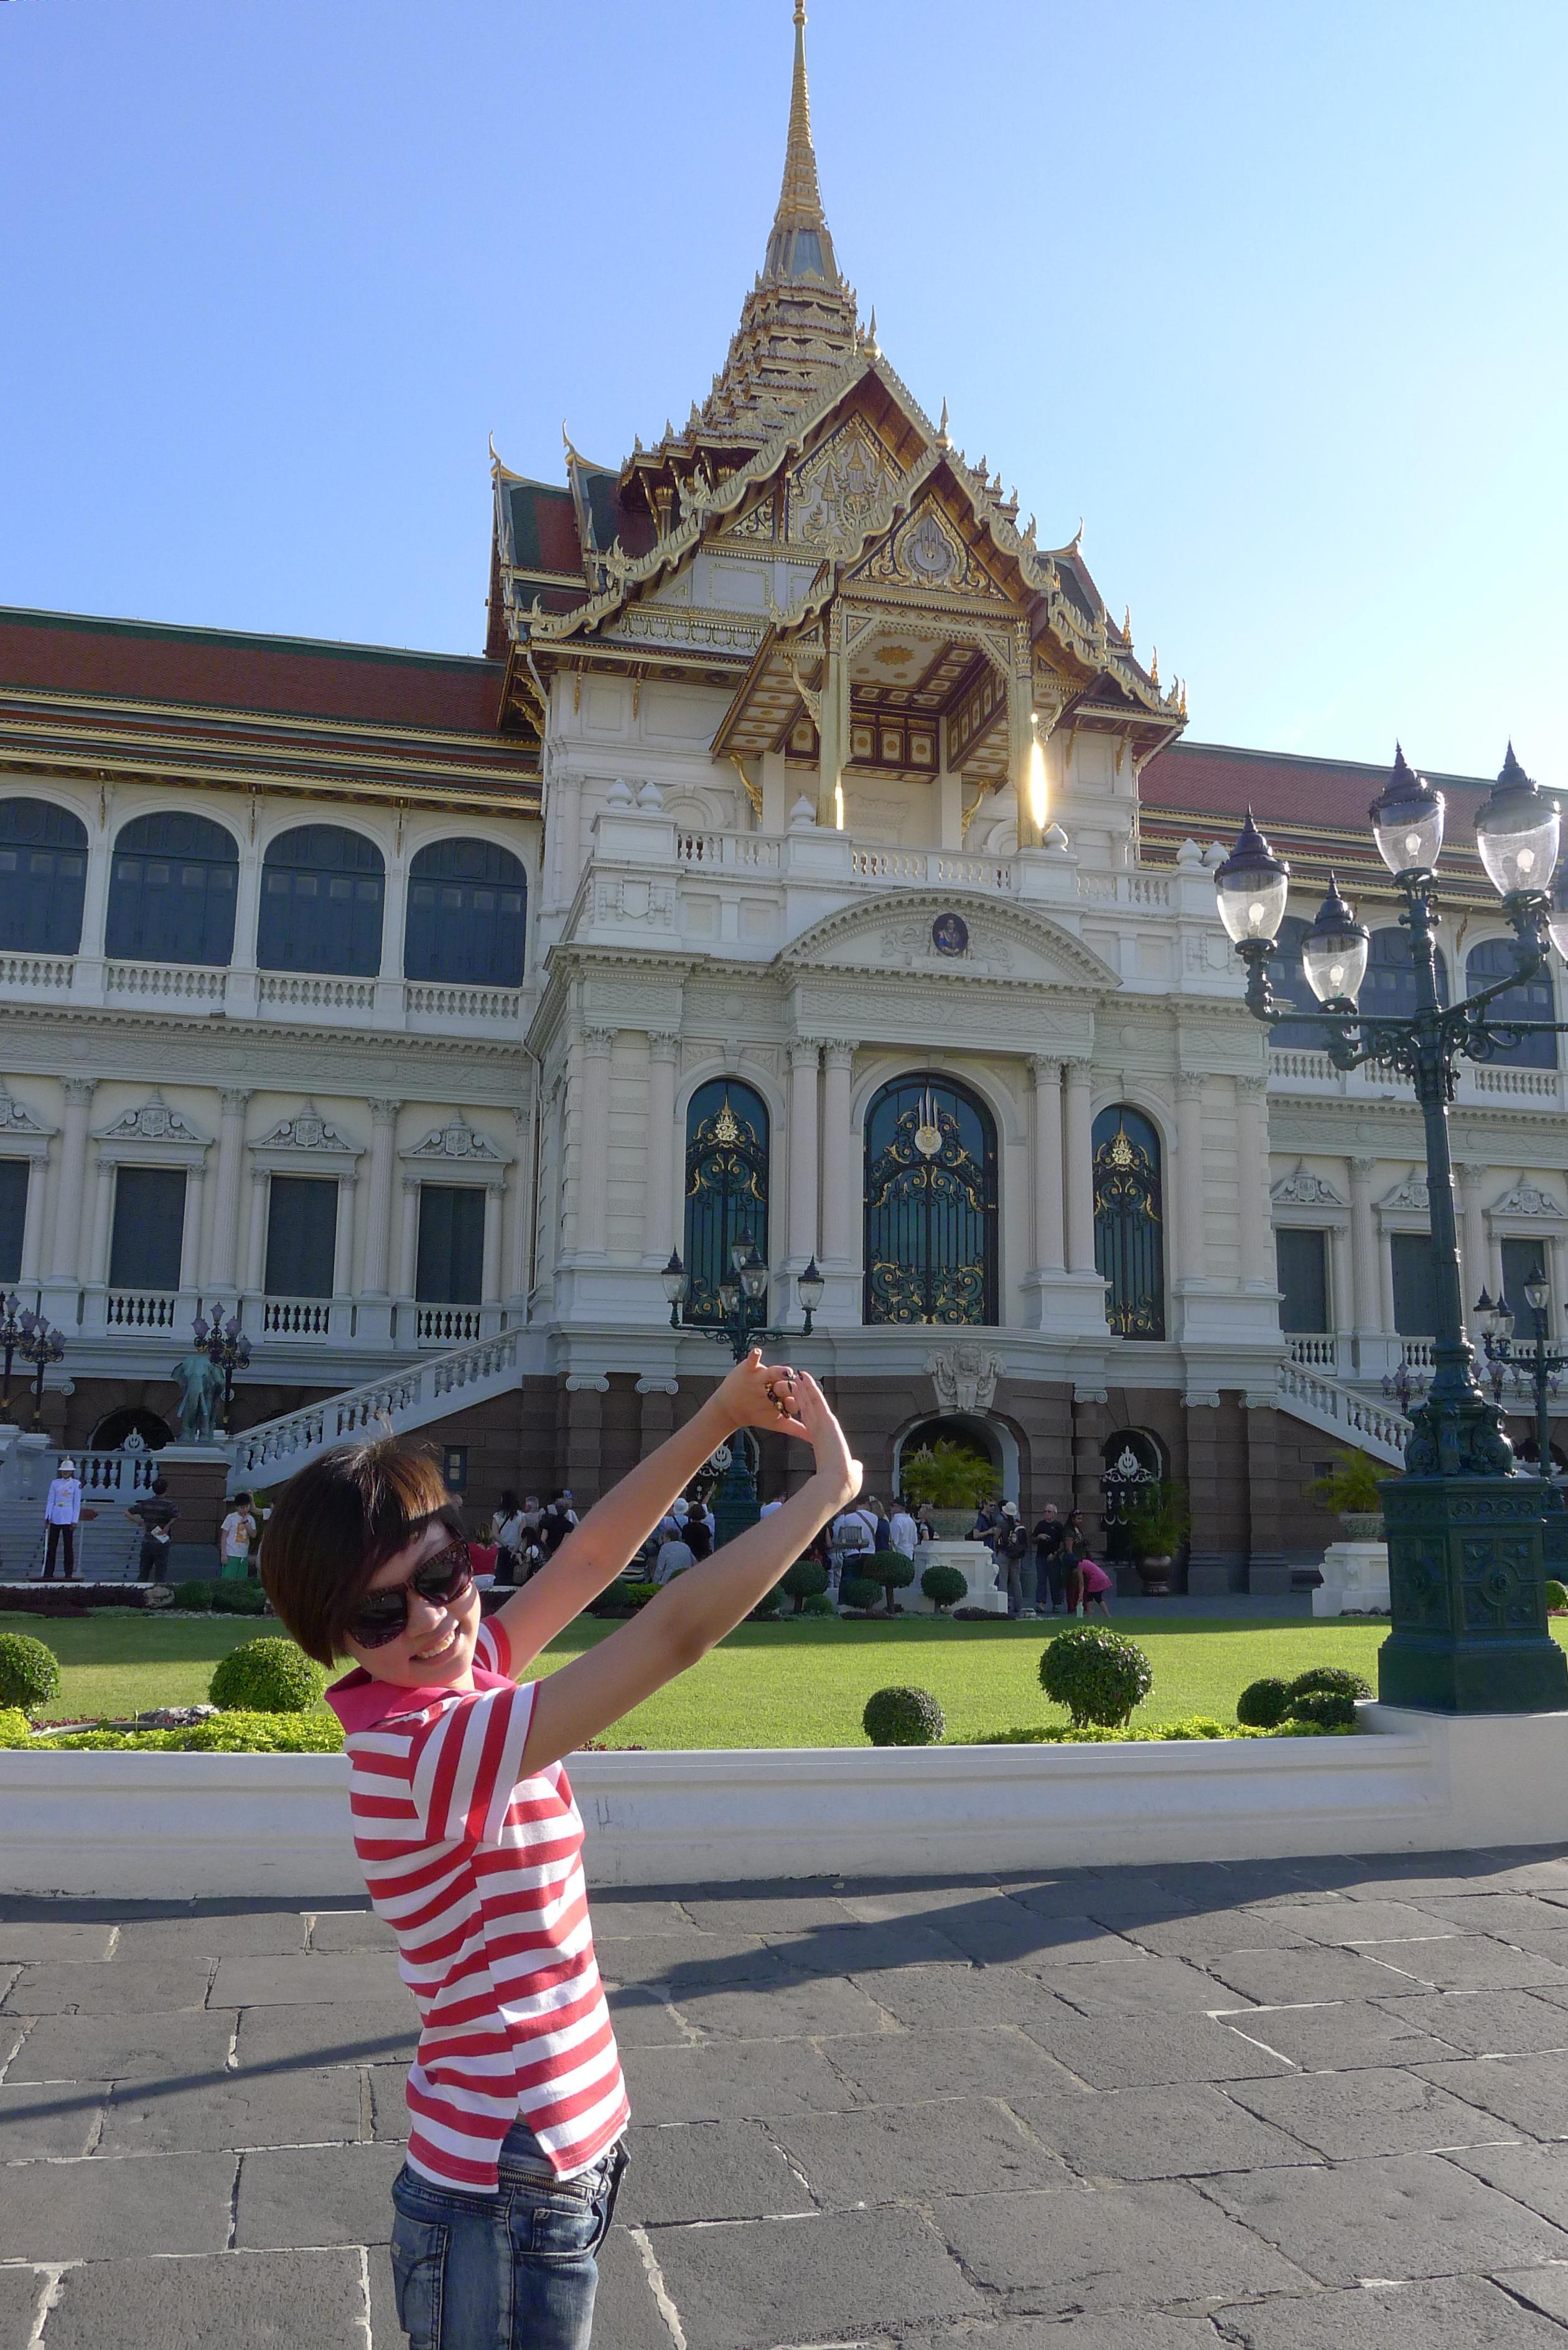 泰国 曼谷 芭提雅 新加坡 马来西亚 10日游